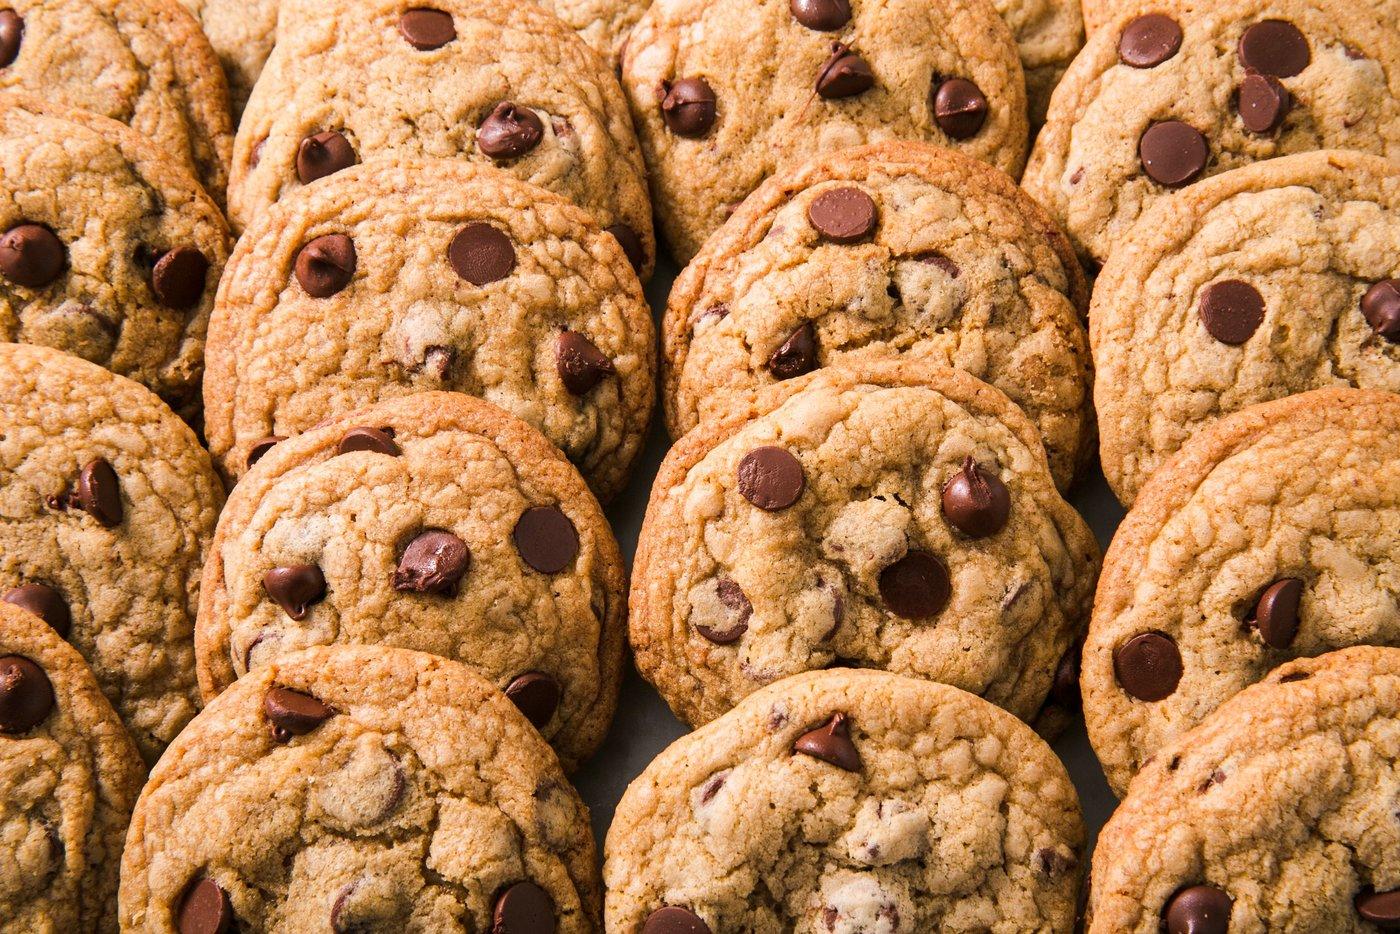 delish-ms-fields-cookies-024-1544735513.jpg